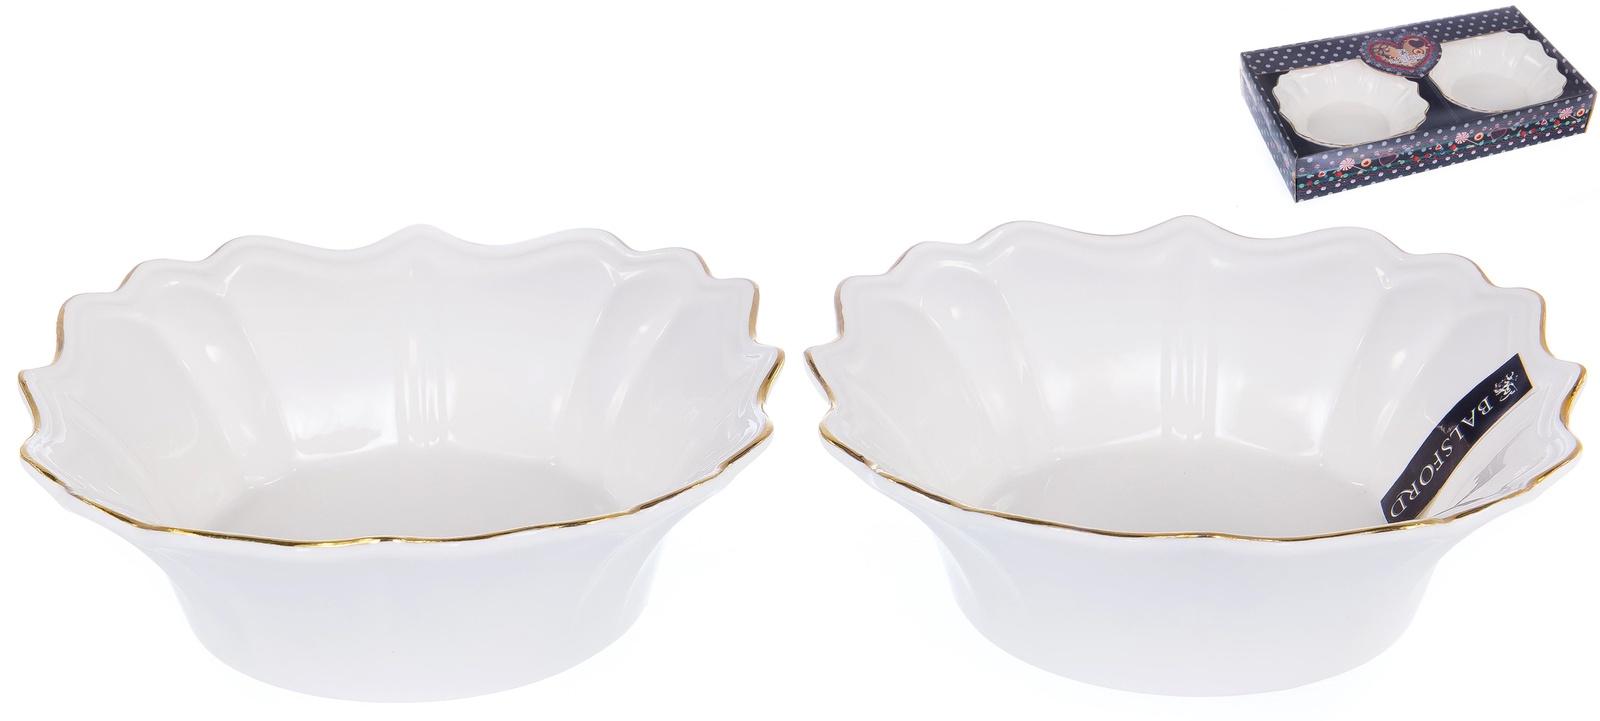 Набор 2 фигурных салатника размером 16см, ГРАЦИЯ, NEW BONE CHINAа NEW BONE CHINA, декор белый с золотом, подарочная упаковка с окном и бантом, ТМ Balsford, 101-01042